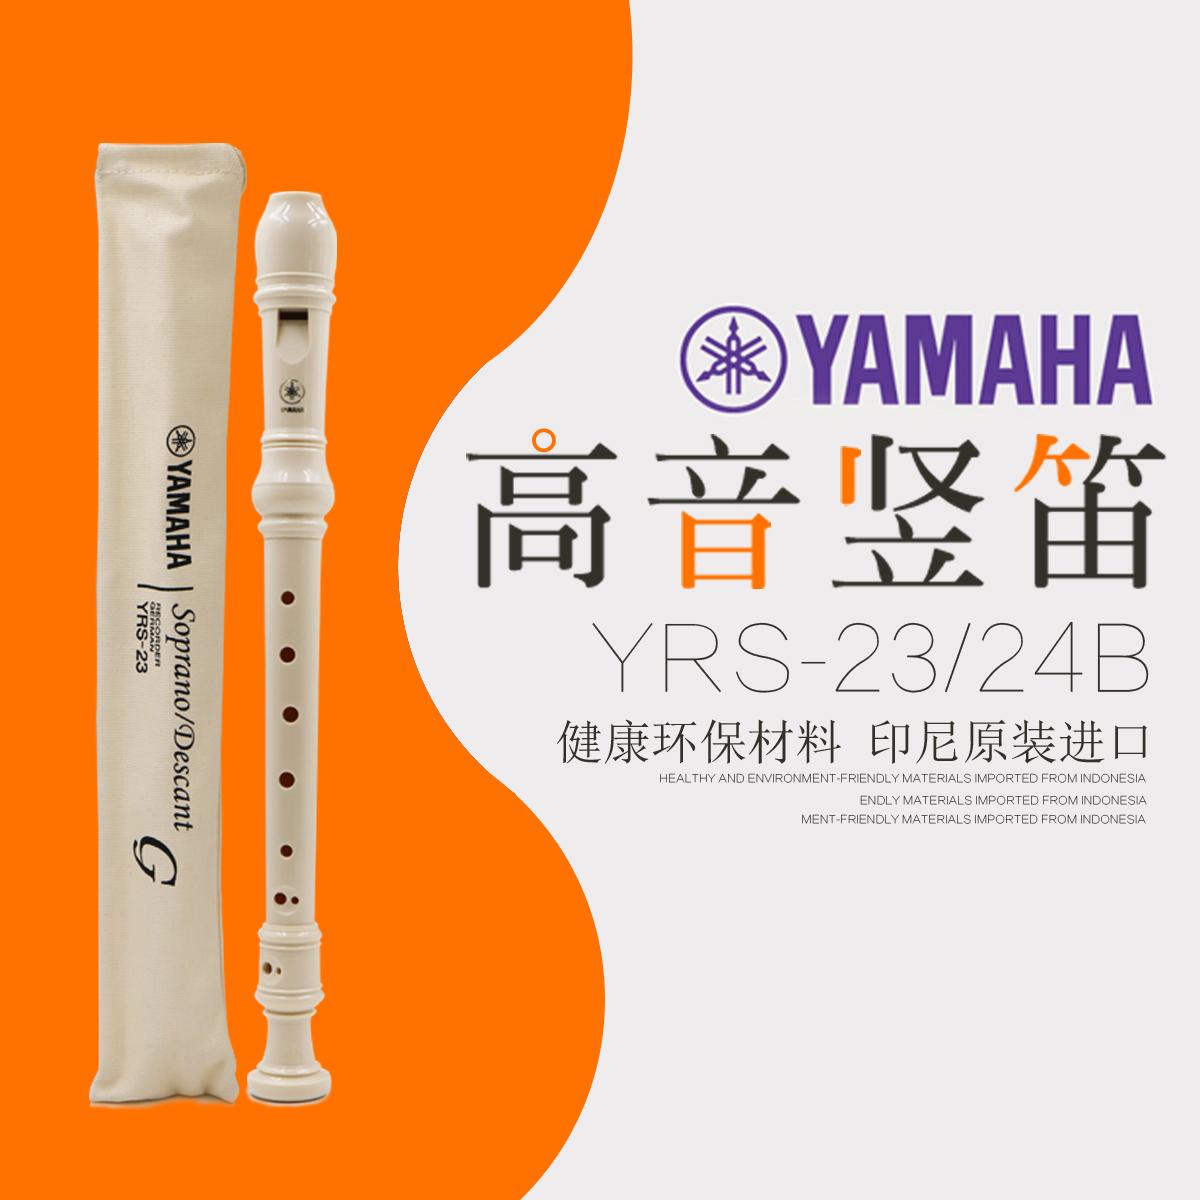 YAMAHA yamaha 8 отверстие вертикальный флейта мораль стиль YRS-23/24B британская вертикальный флейта высокие частоты C настроить студент начинающий обучение